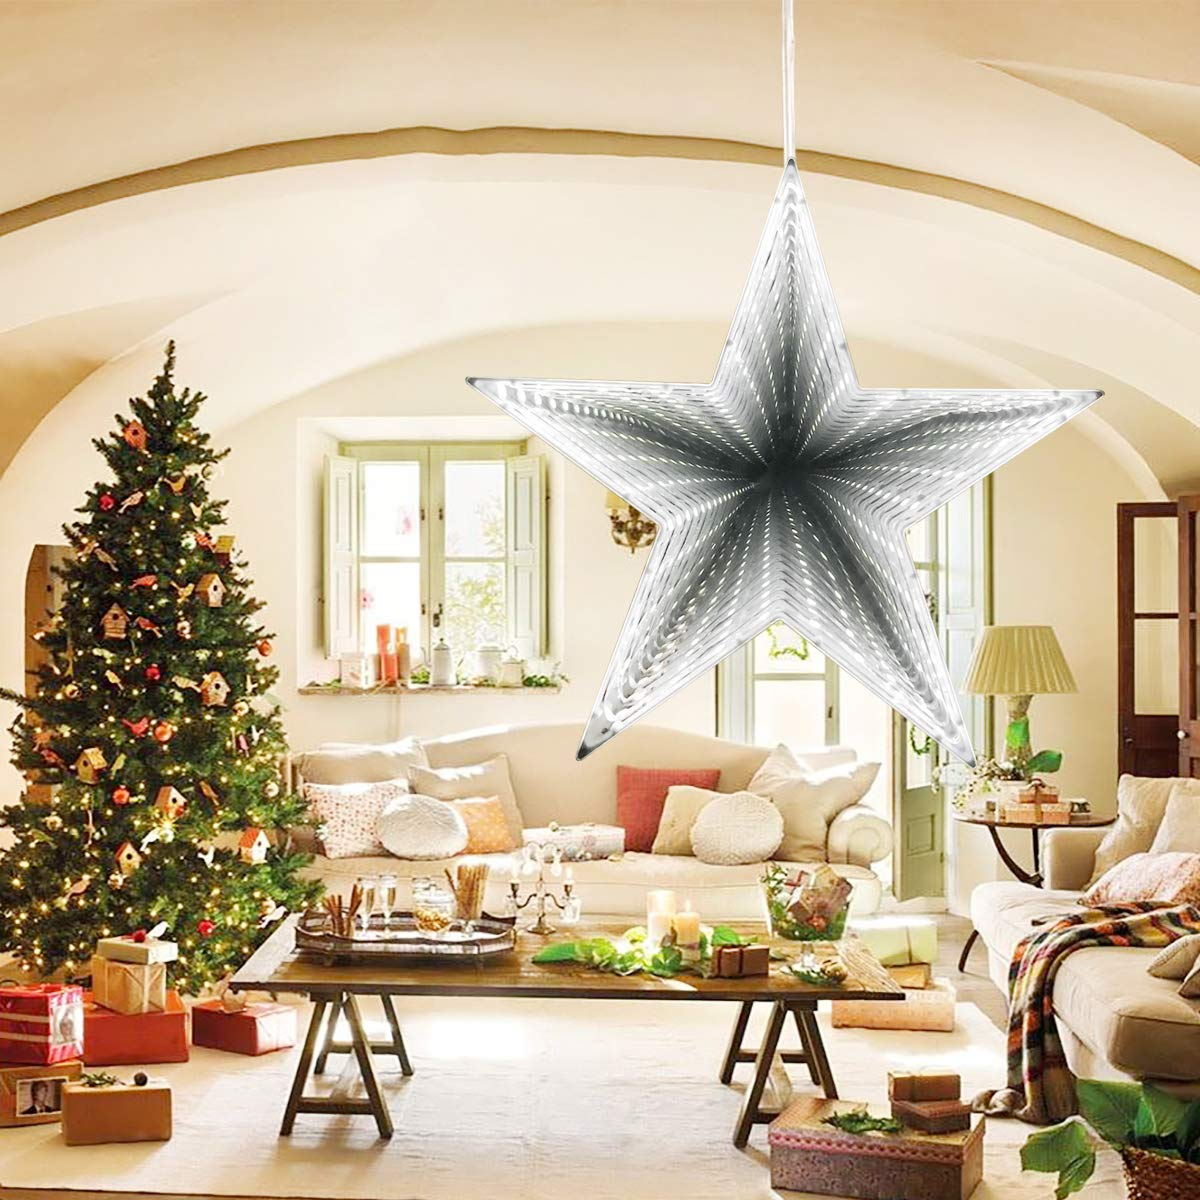 Led Estrella Infinity Para Túnel Luz Navidad YED9WHIe2